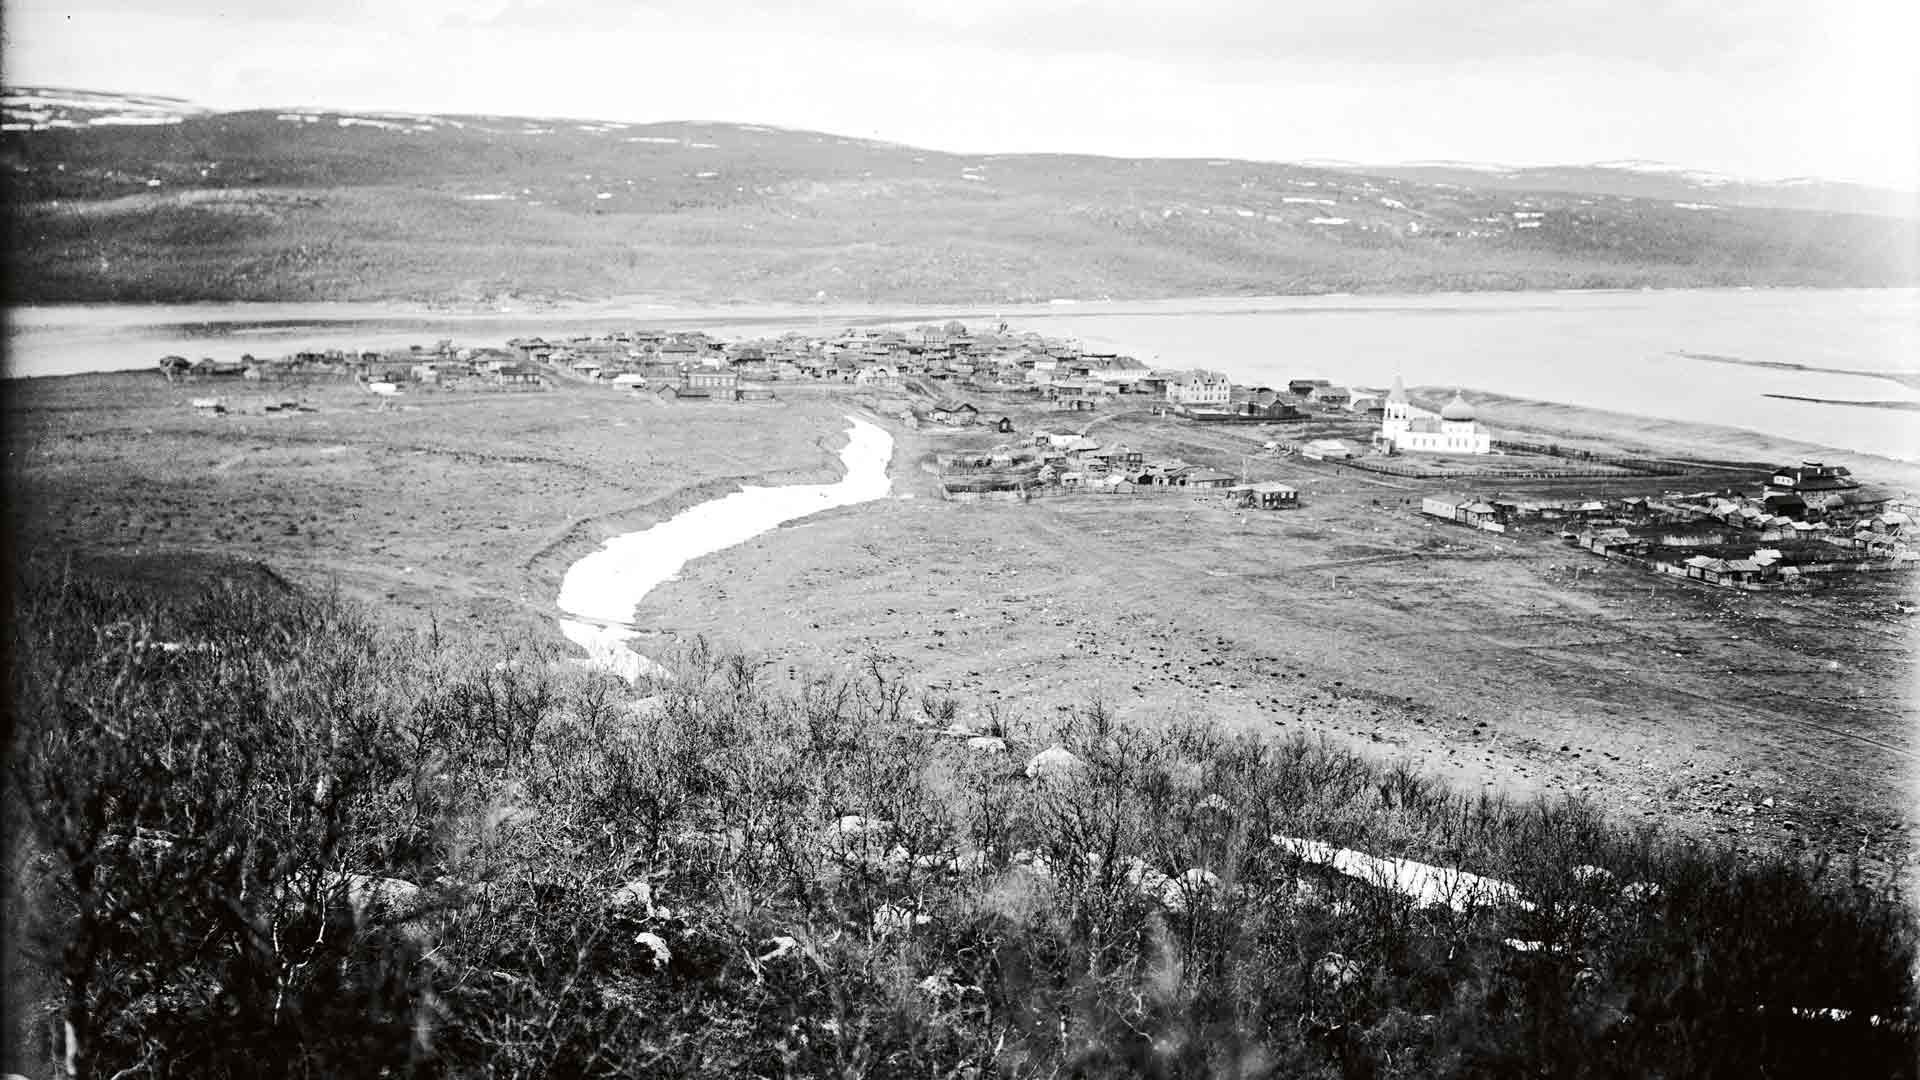 """Suomalaiset herättivät ihastusta venäläisissä tutkijoissa vielä 1800-luvulla. Yksi heistä oli Arkangelin läänin maaherra N. A. Katšalov, joka totesi: """"Meidän finlandialaiset ovat omilla varoillaan rakentaneet kunnon taloja ja hyviä maamajoja (turvemajoja), hankkineet lehmiä ja lampaita, raivanneet heinämaita ja muokanneet peltoja. He ovat oikeita hyödyllisiä kolonisteja."""""""